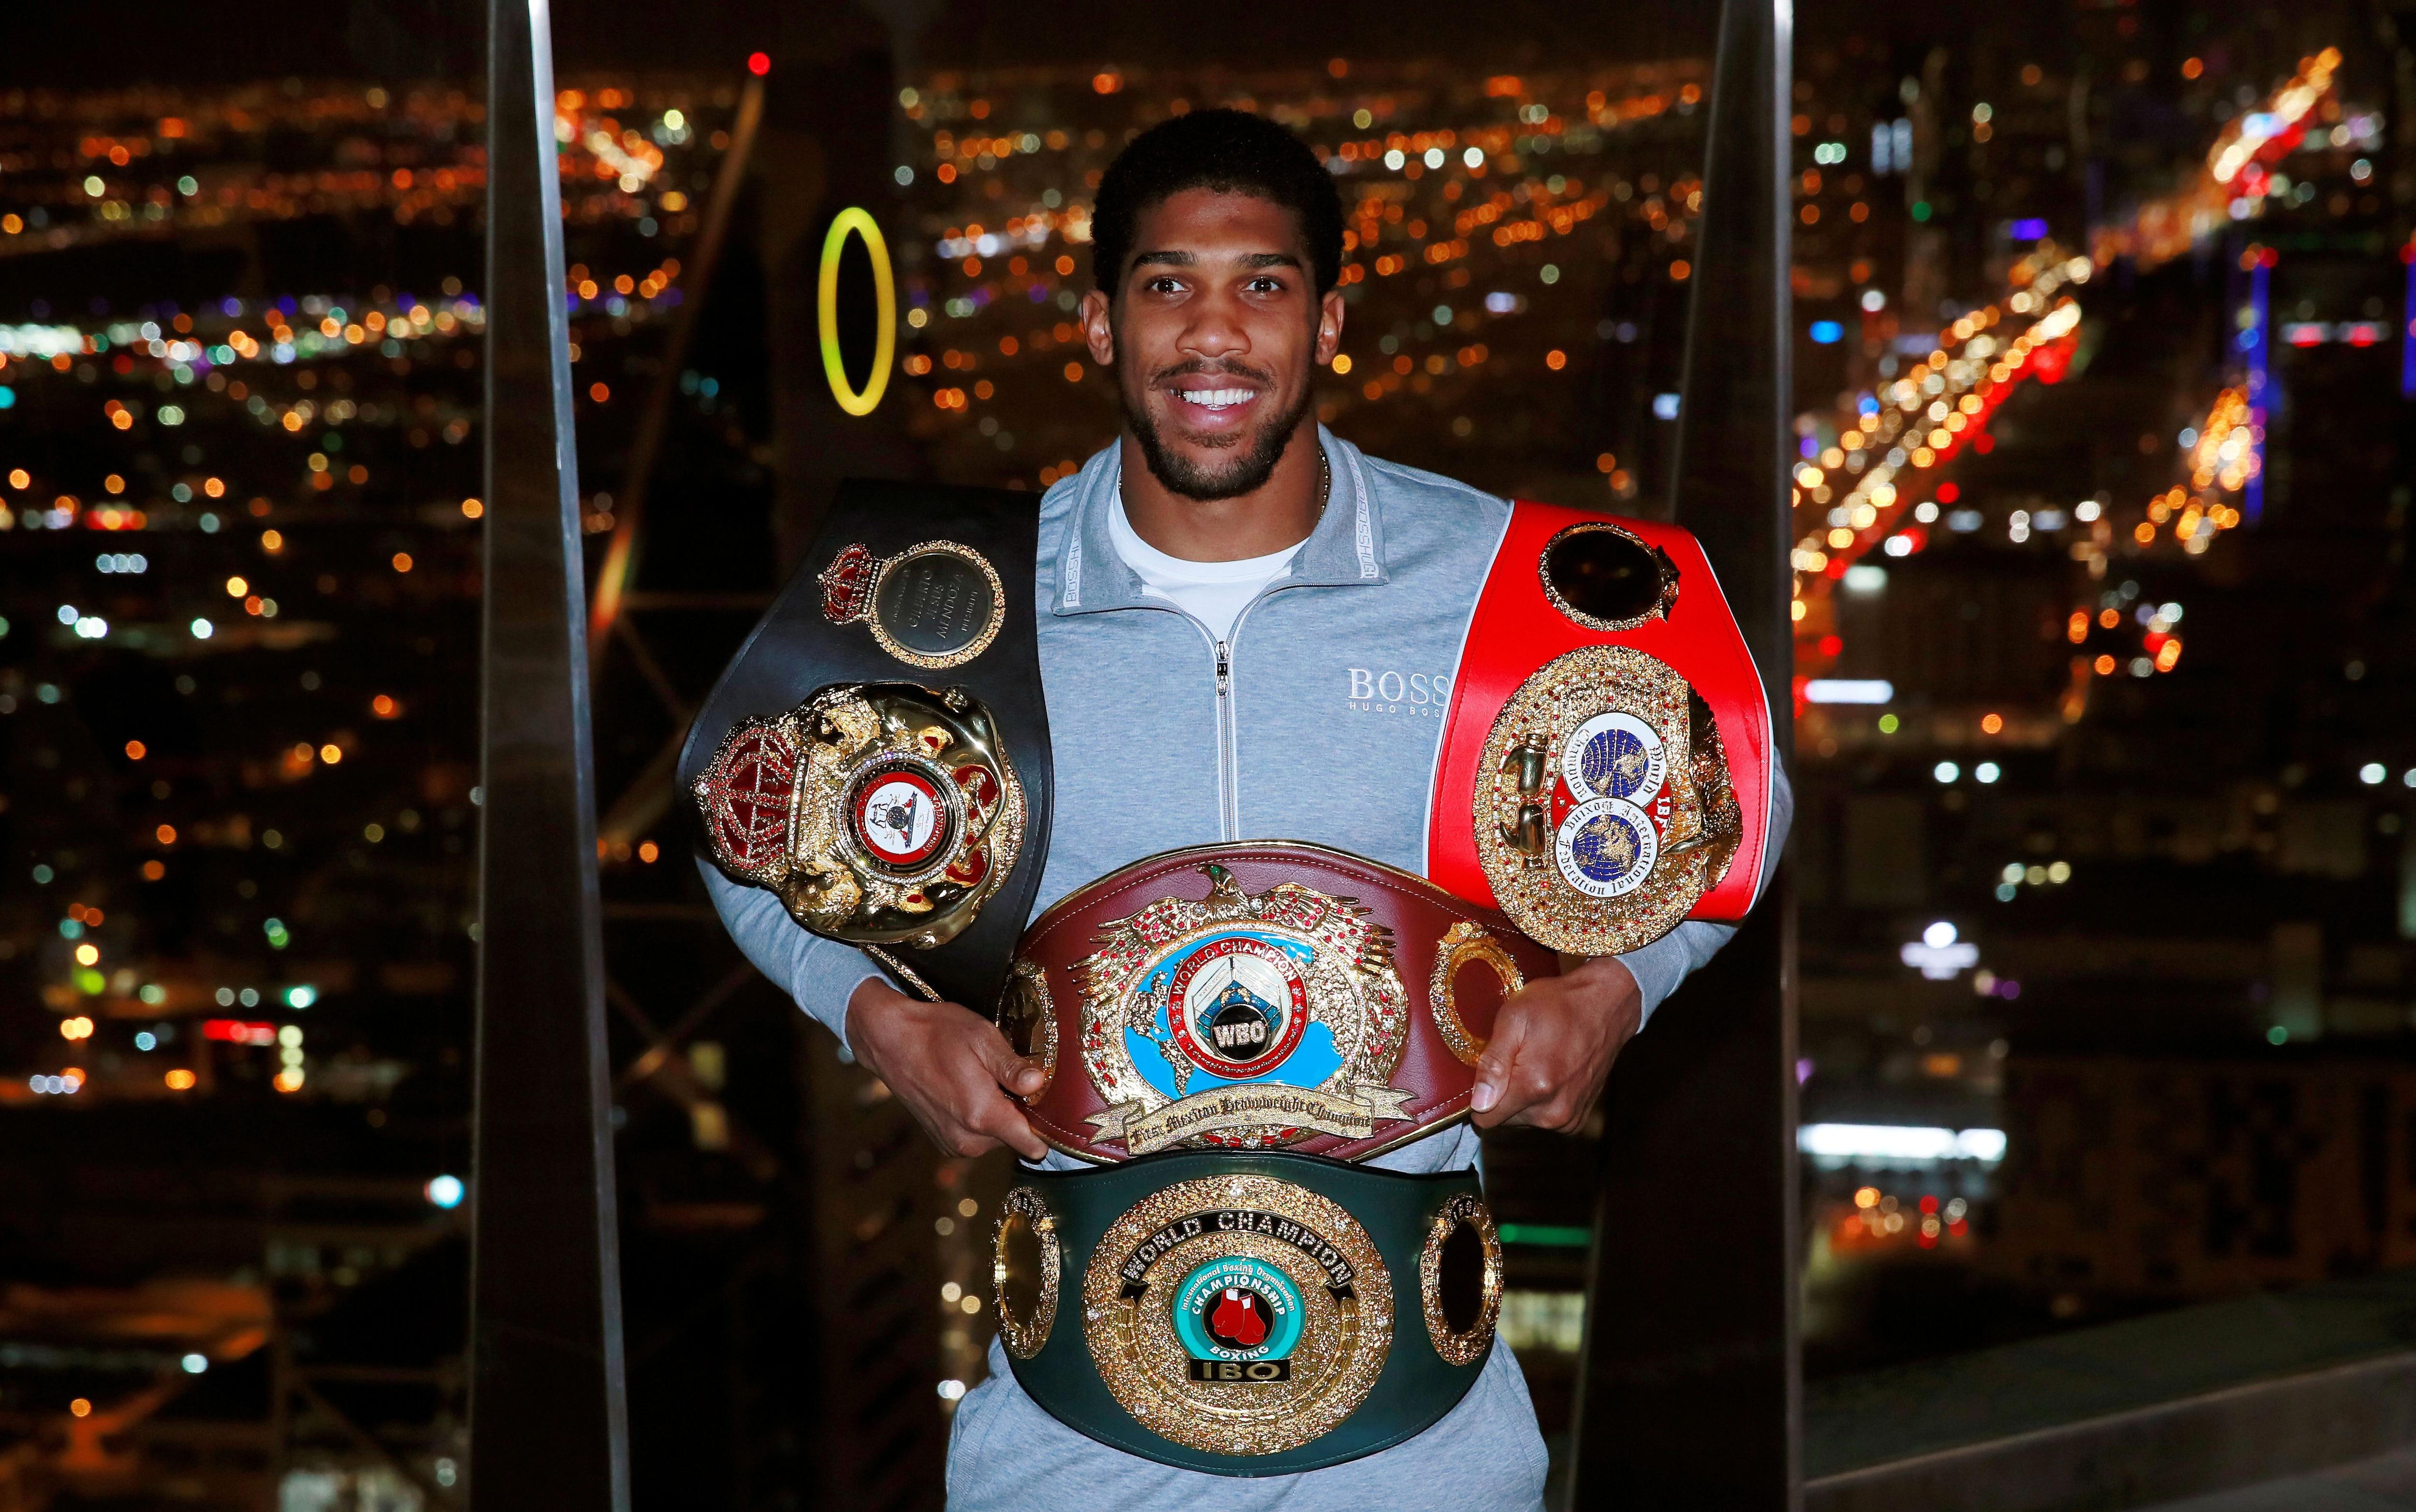 Joshua recuperó sus títulos en Arabia Saudita contra Andy Ruiz Jr. (Foto: Reuters)